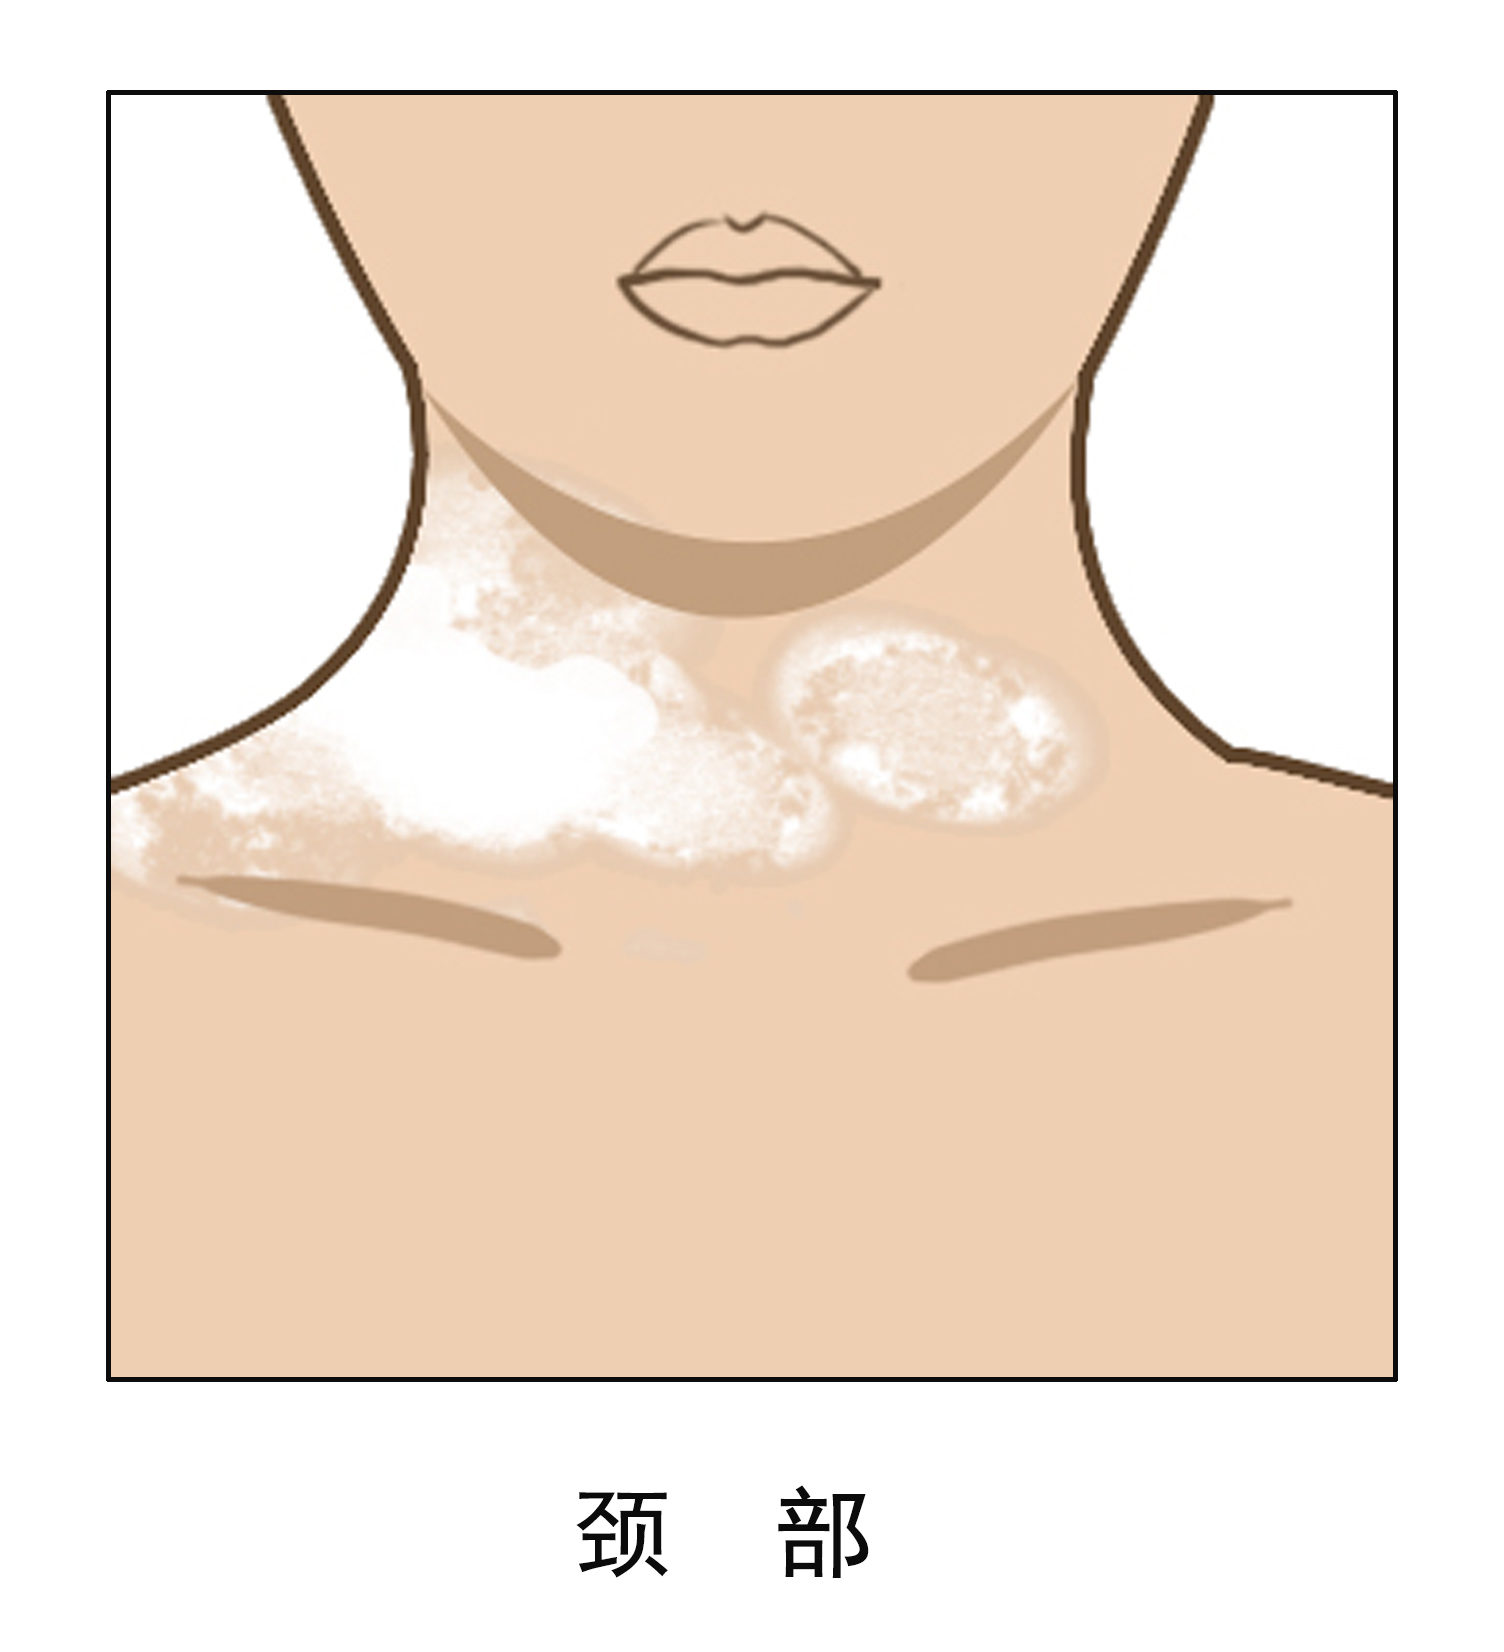 颈部白癜风面积逐渐扩大怎么办